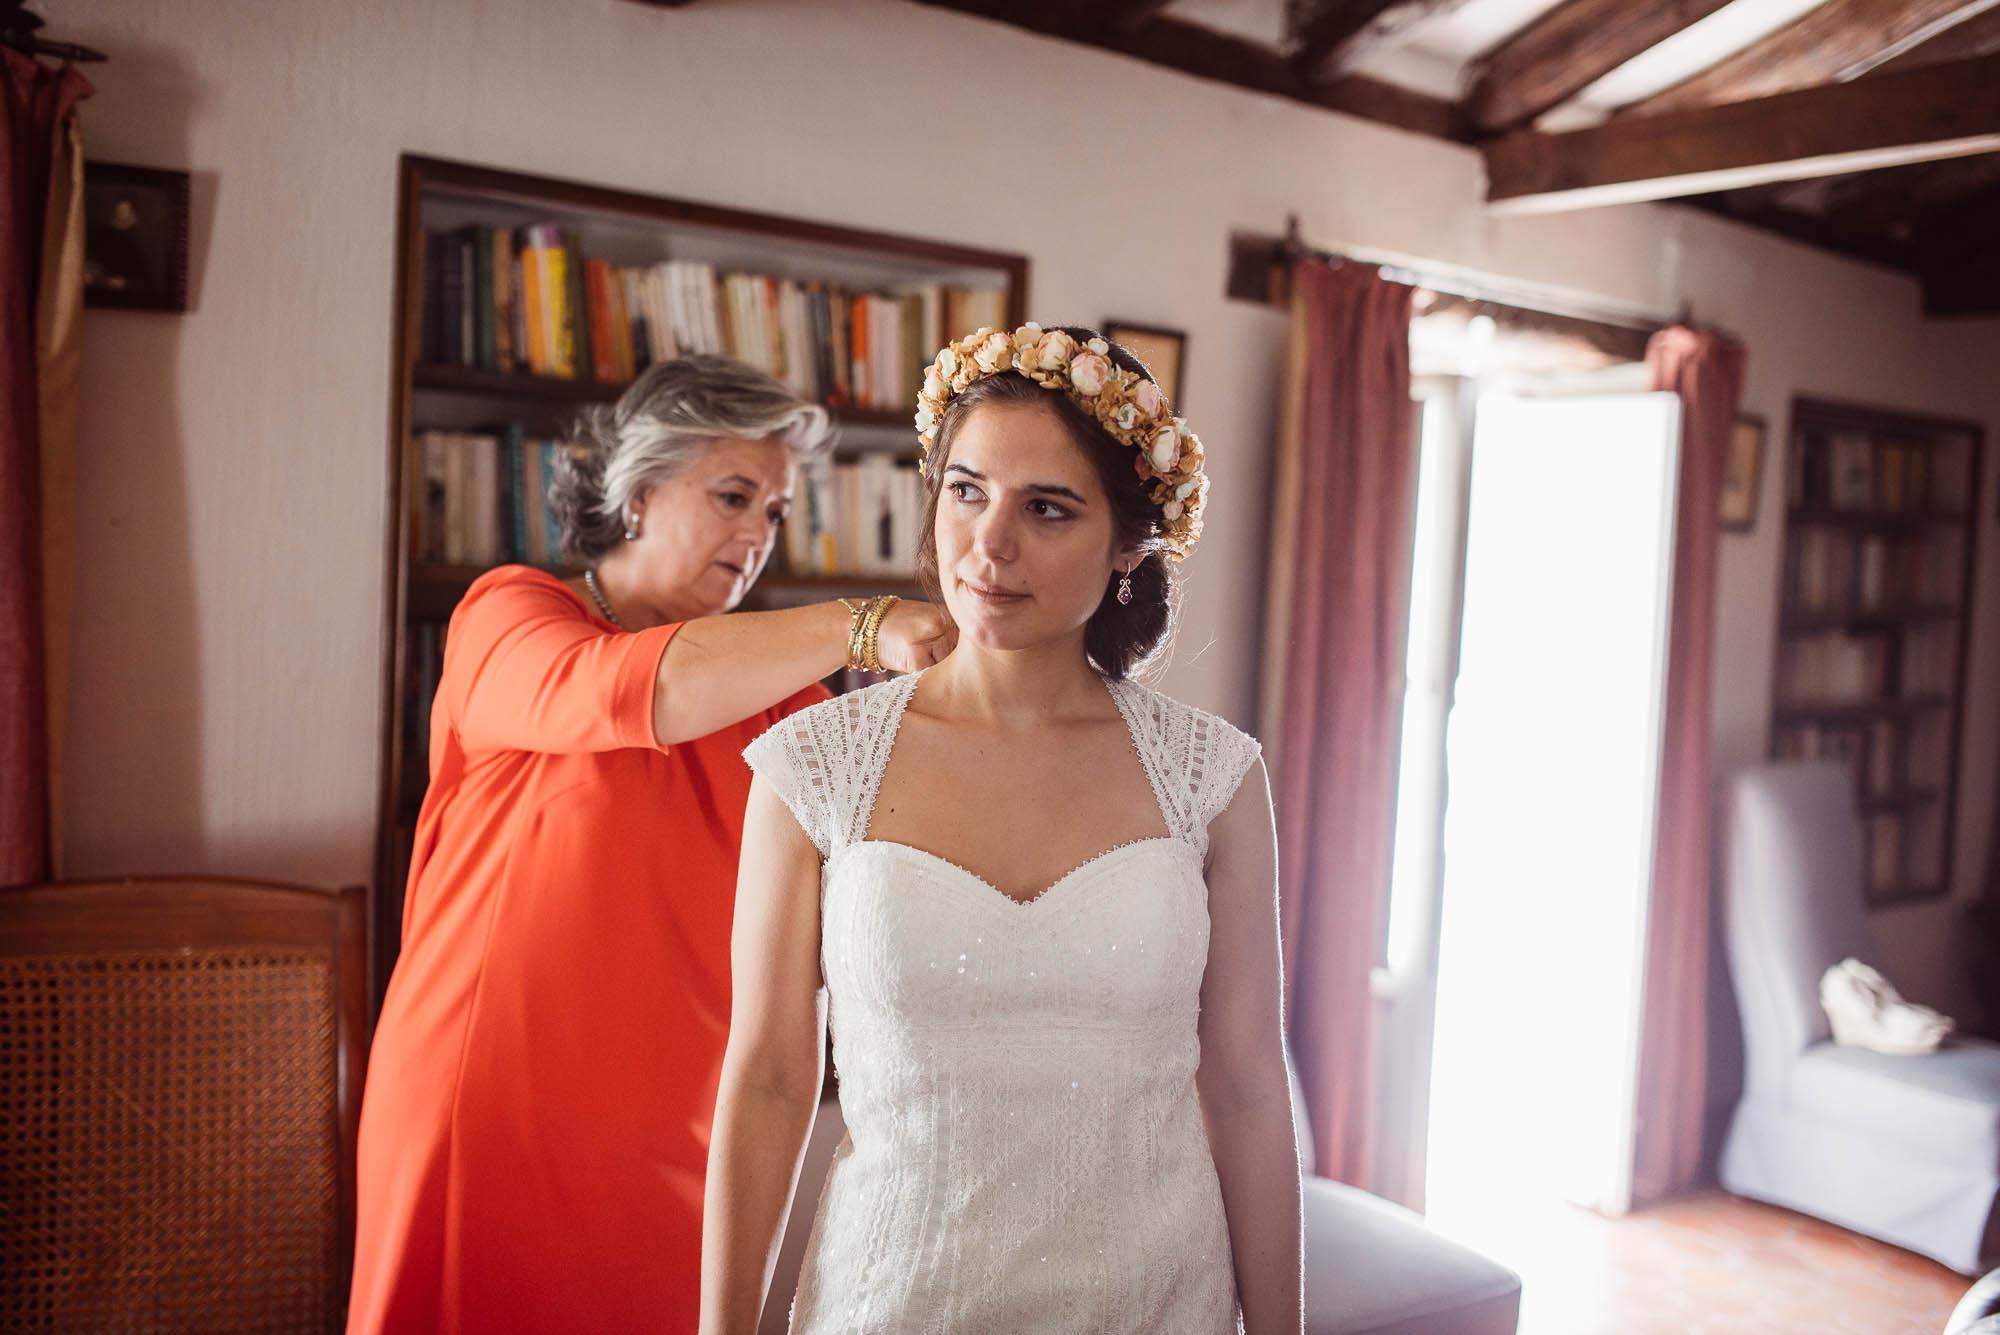 La madre ayuda a la novia a ponerse el vestido